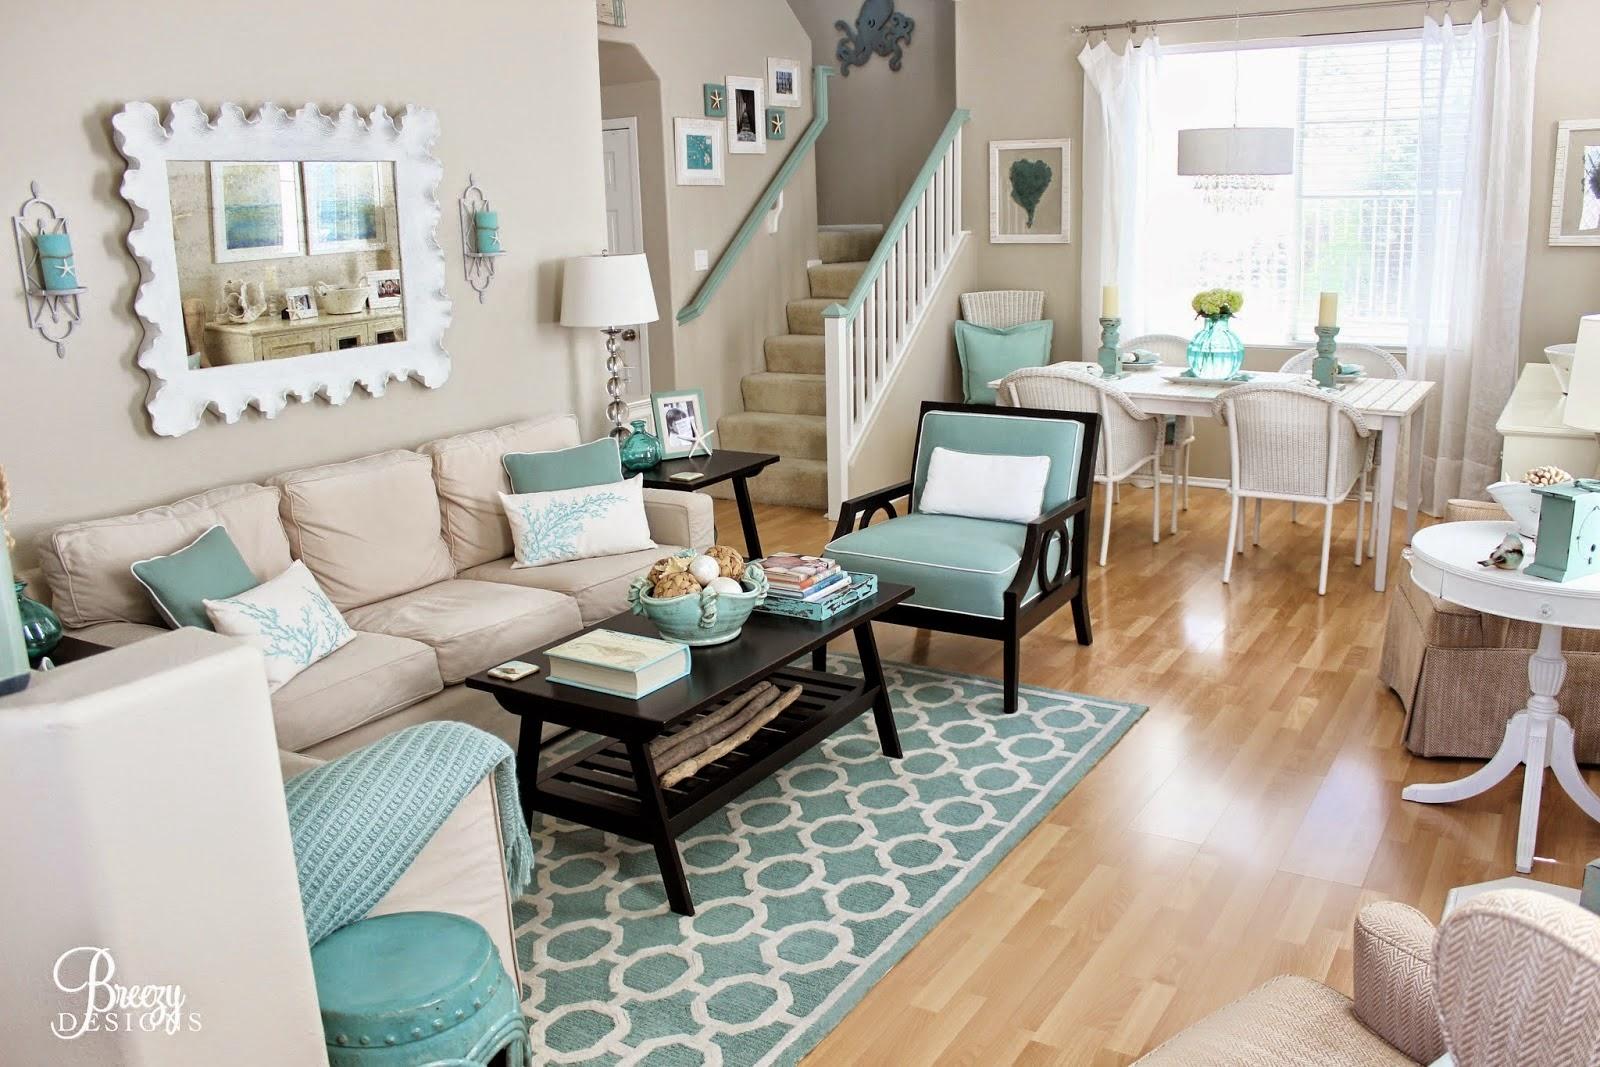 Un hogar en azul turquesa cocochicdeco - Decoracion salon blanco ...